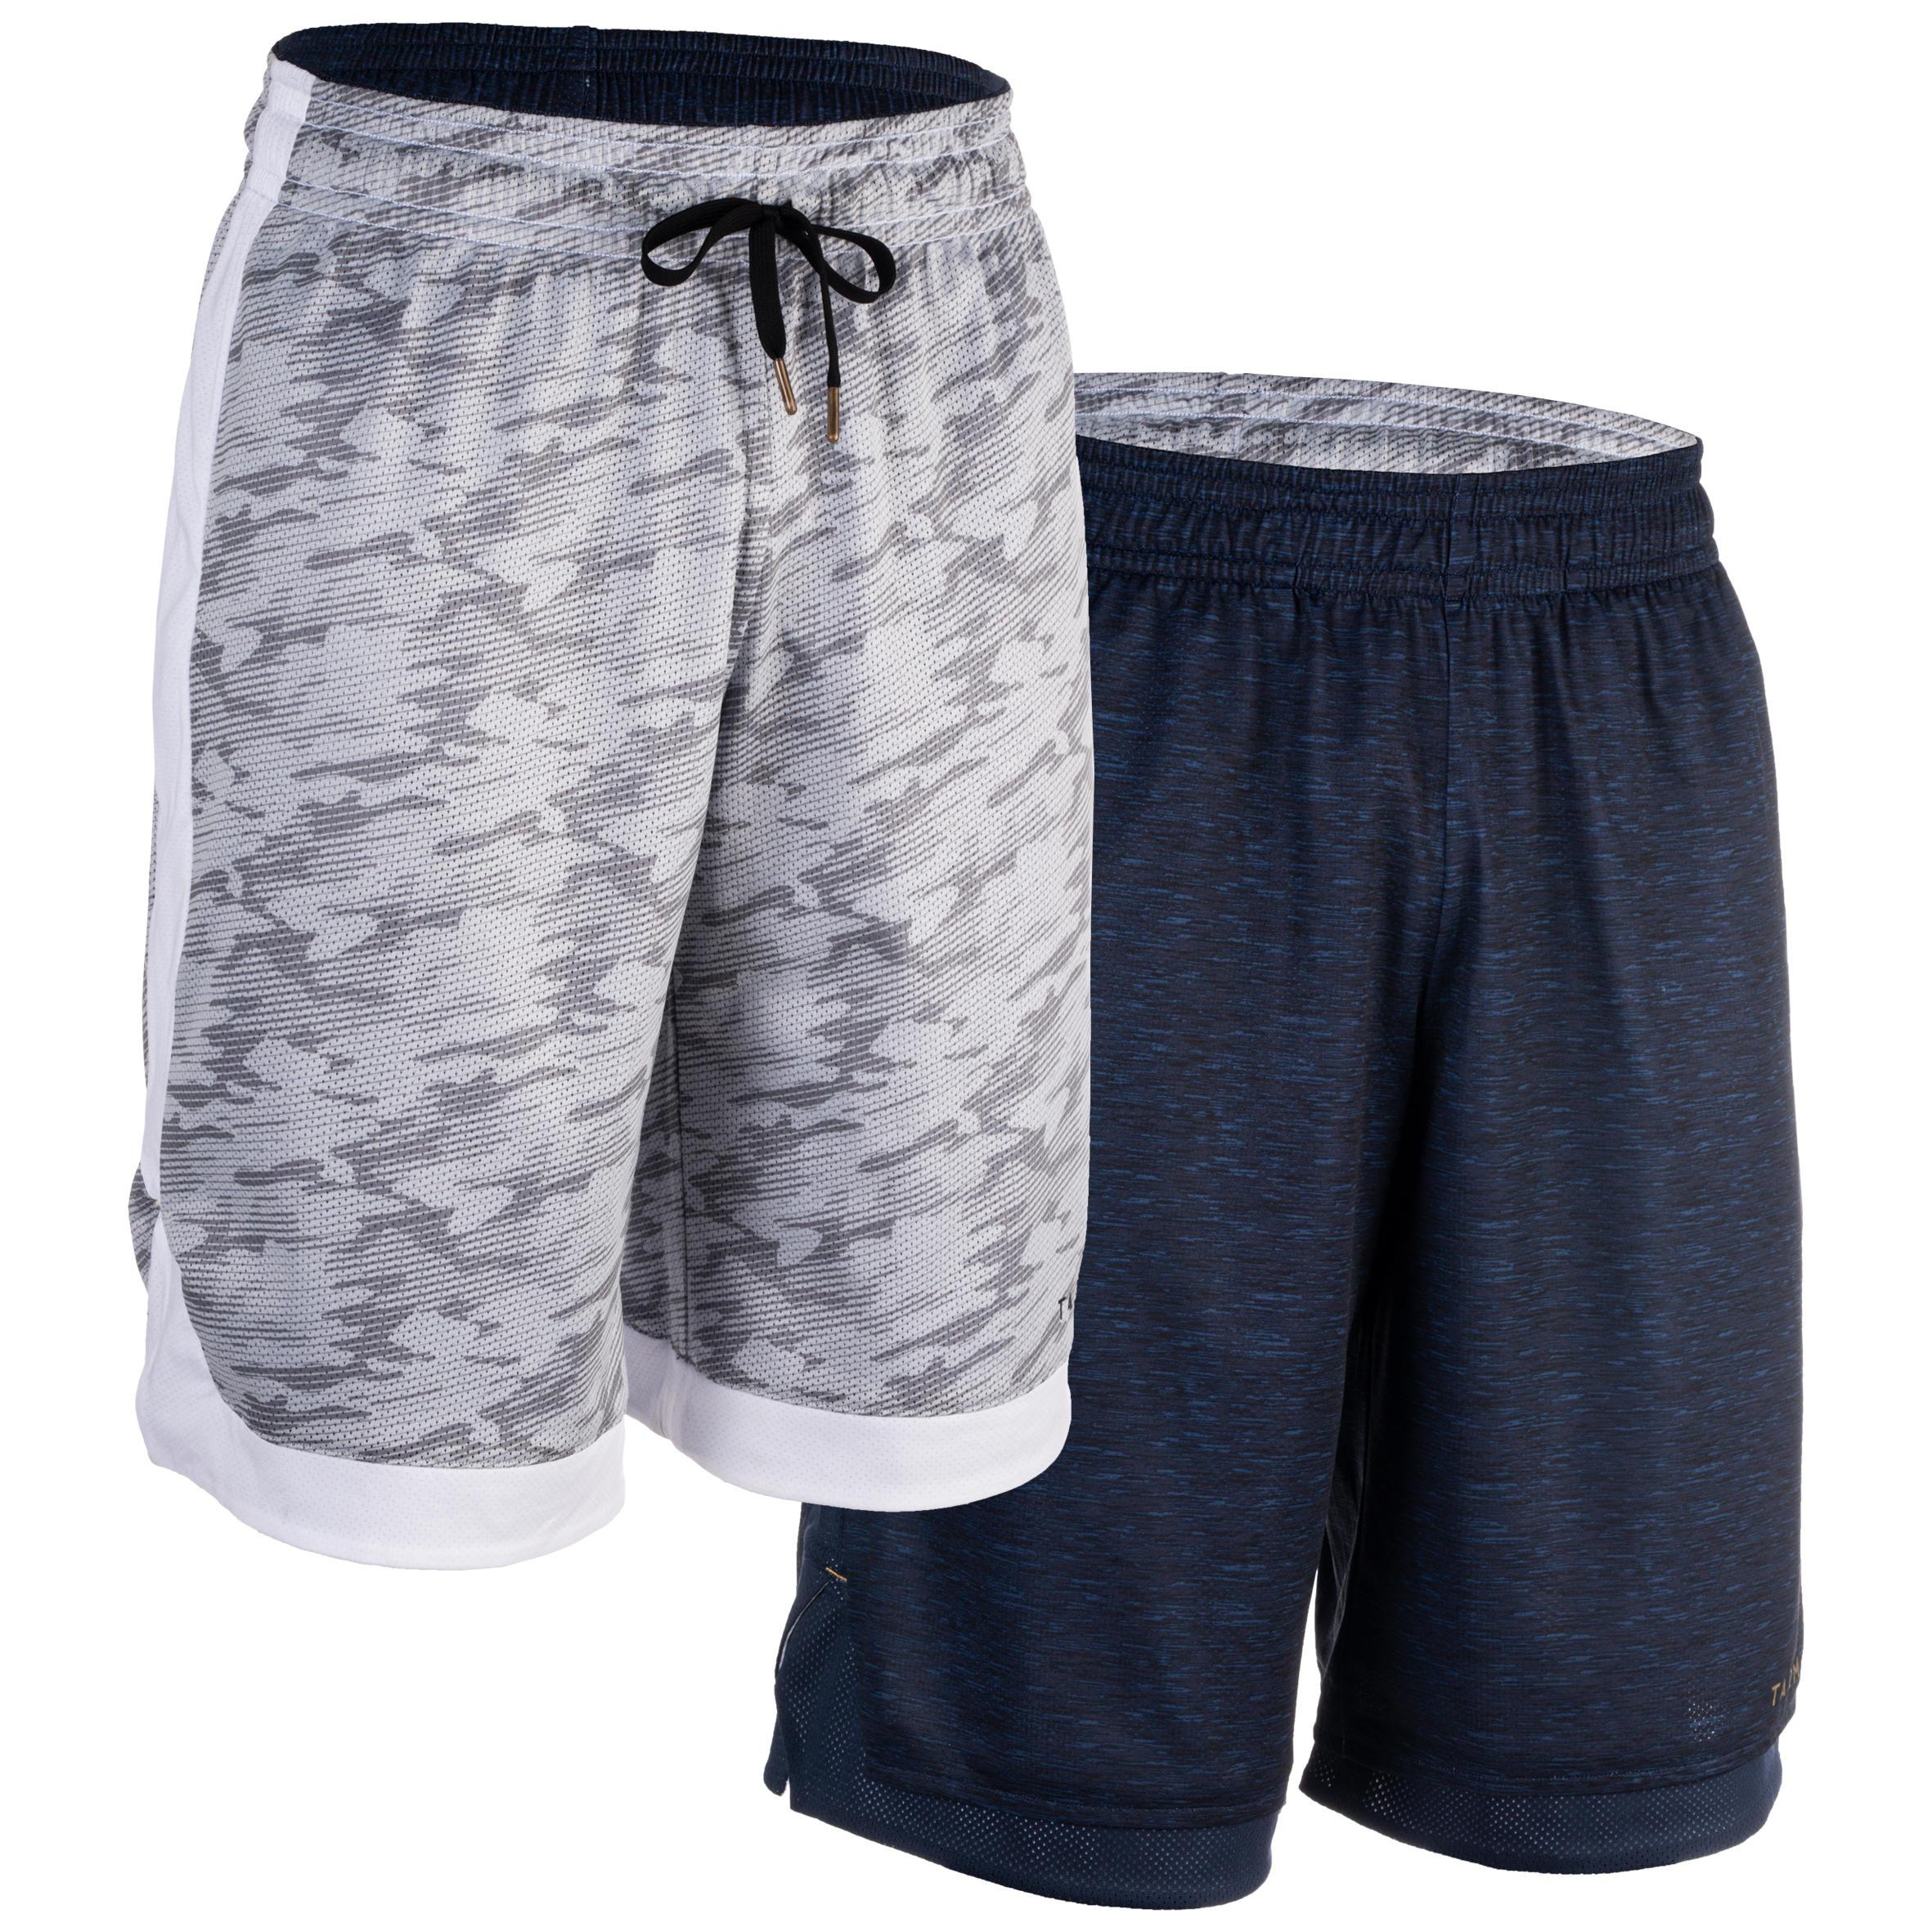 b8055cead545 Comprar Pantalones de Baloncesto online | Decathlon